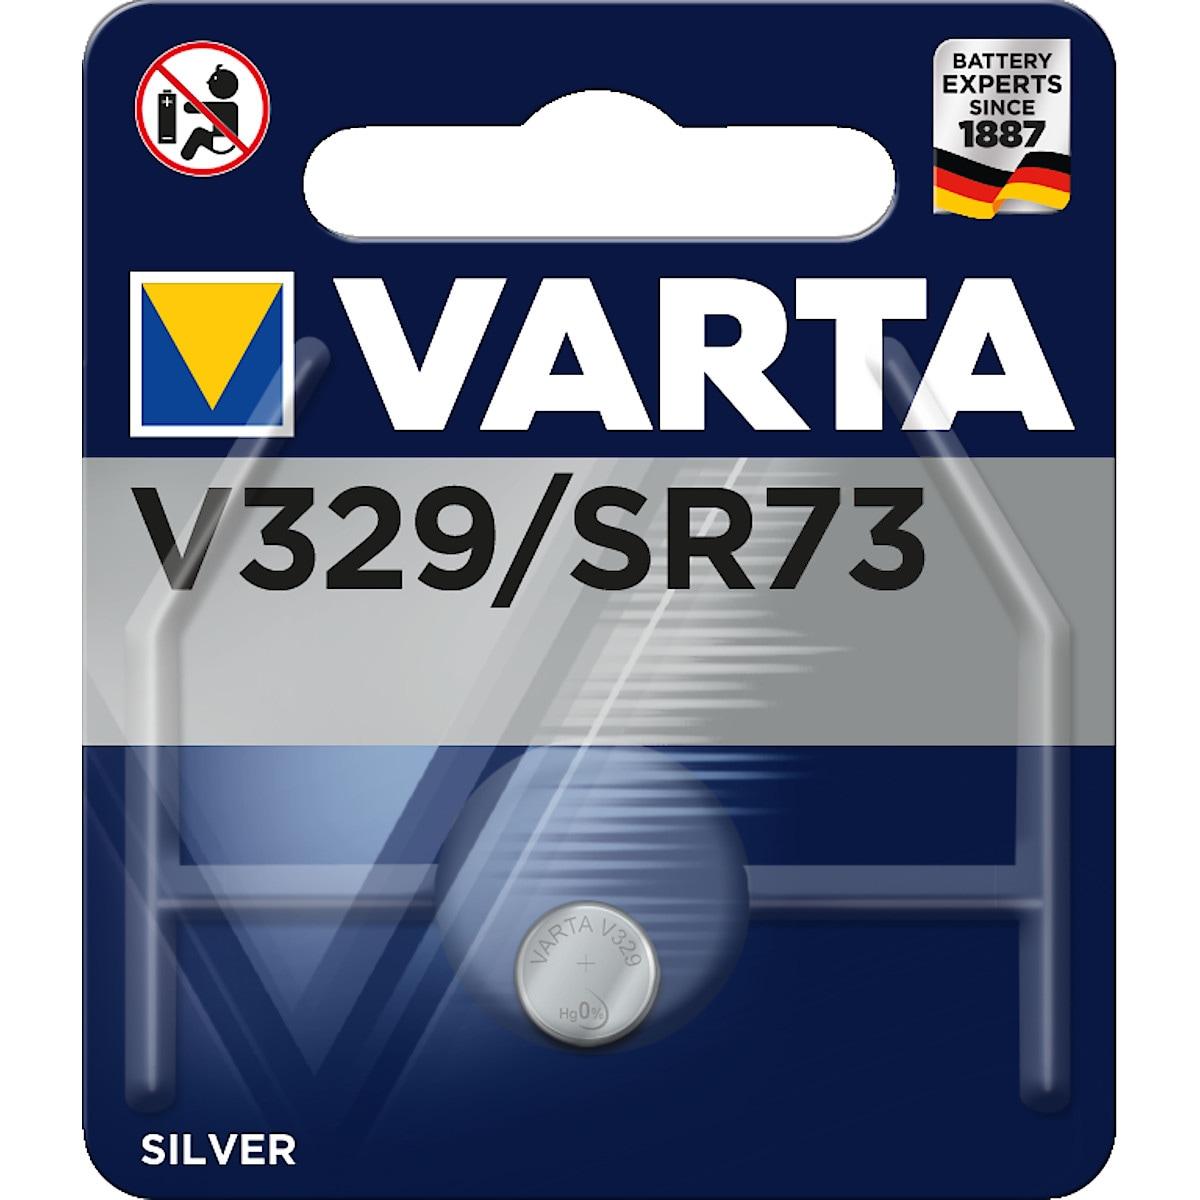 Knappcellsbatteri V329/SR73 VARTA